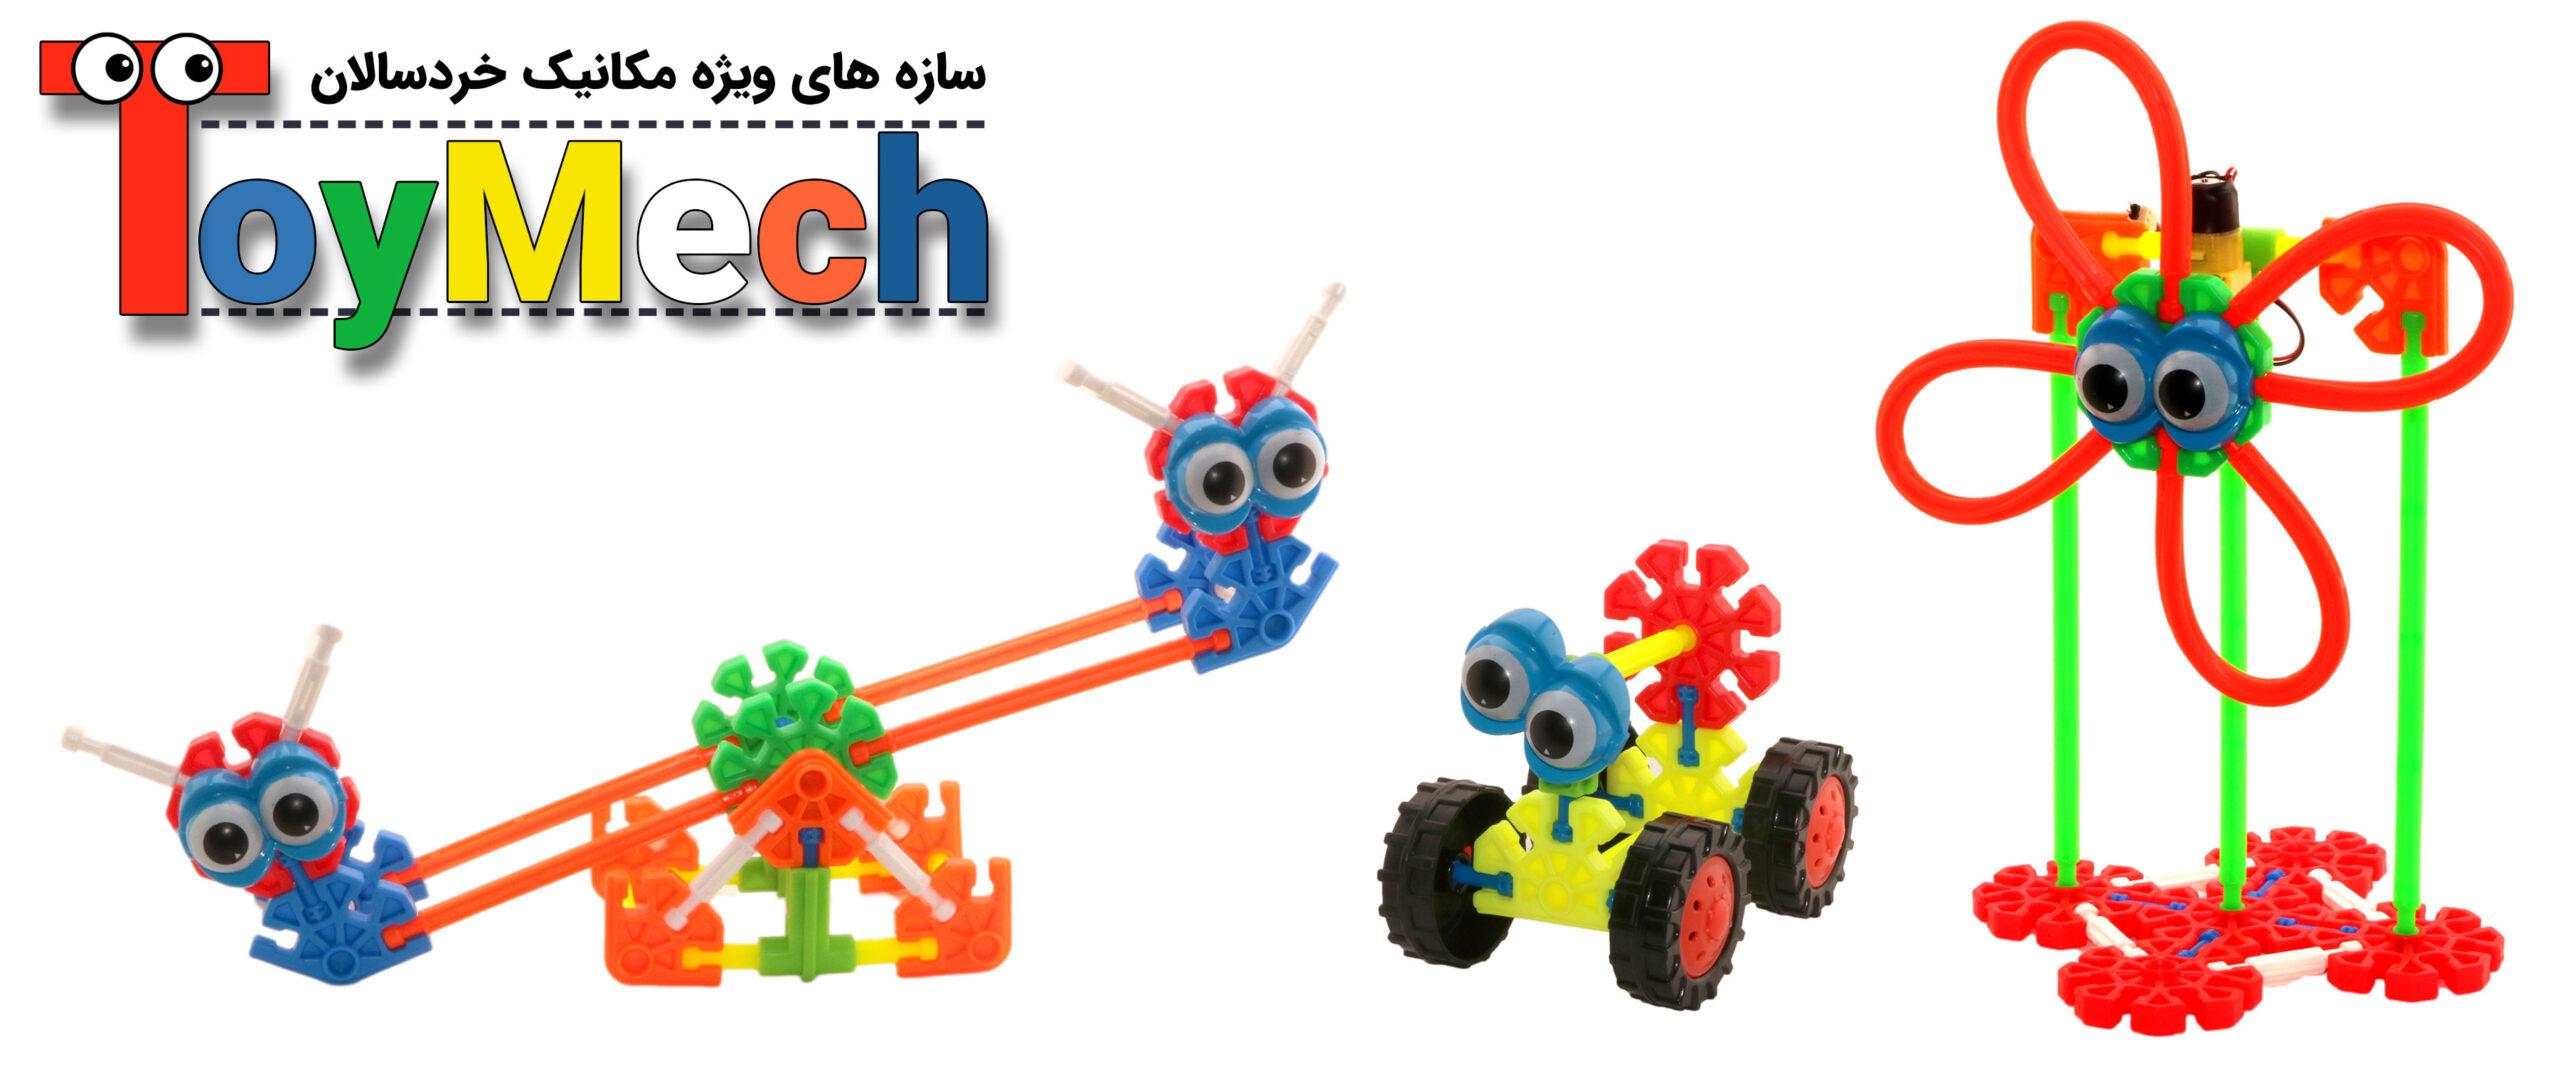 ربوچیپ| سازه های Toy Mech